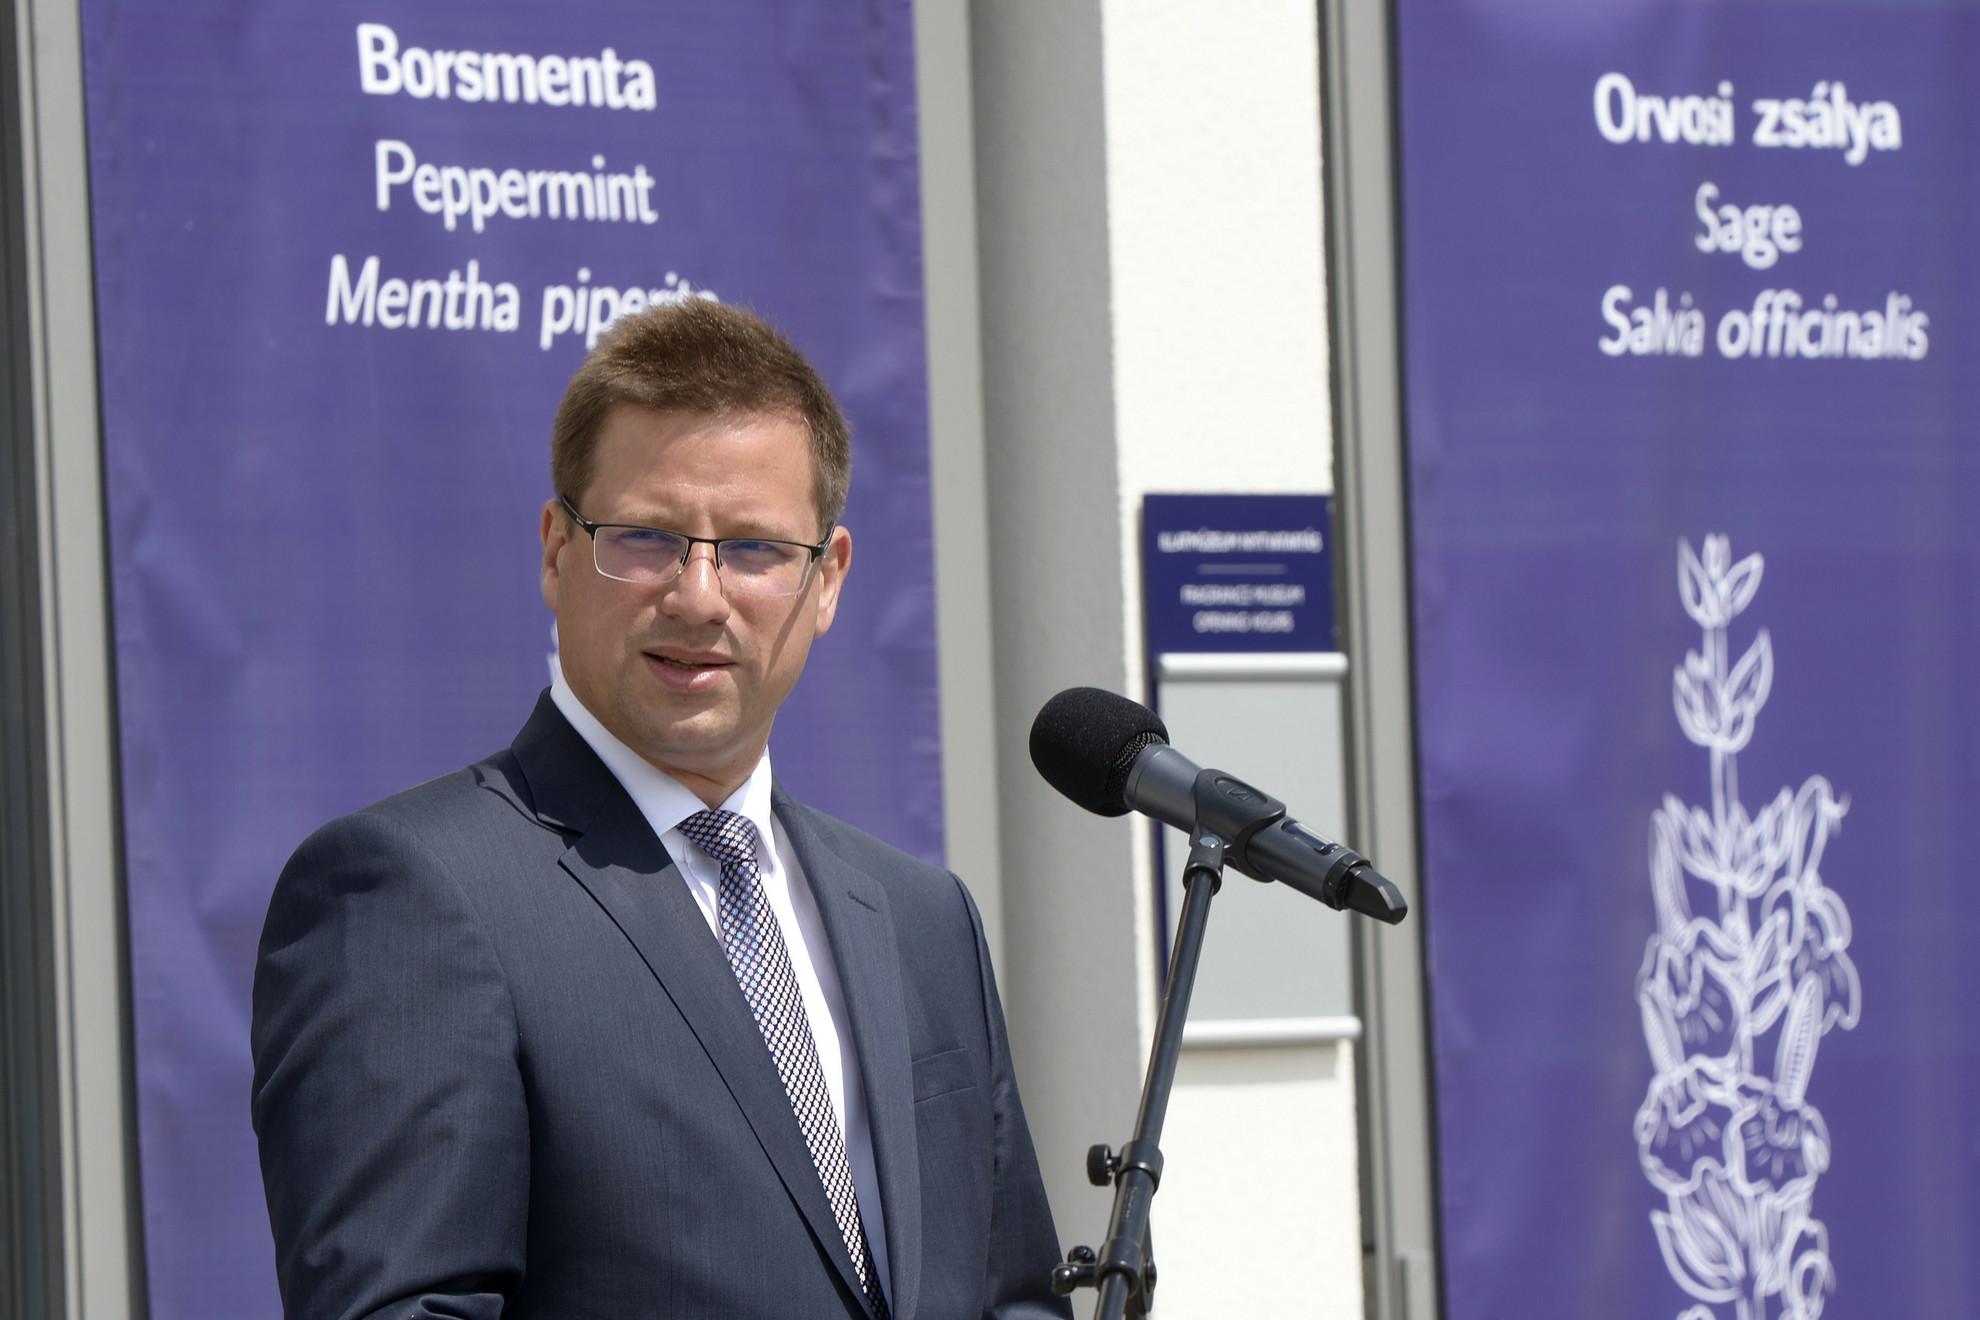 Gulyás Gergely Miniszterelnökséget vezető miniszter beszédet mond a Pannonhalmi Főapátság Illatmúzeumának és gyógynövényes látványműhelyének hivatalos megnyitóján 2021. május 30-án